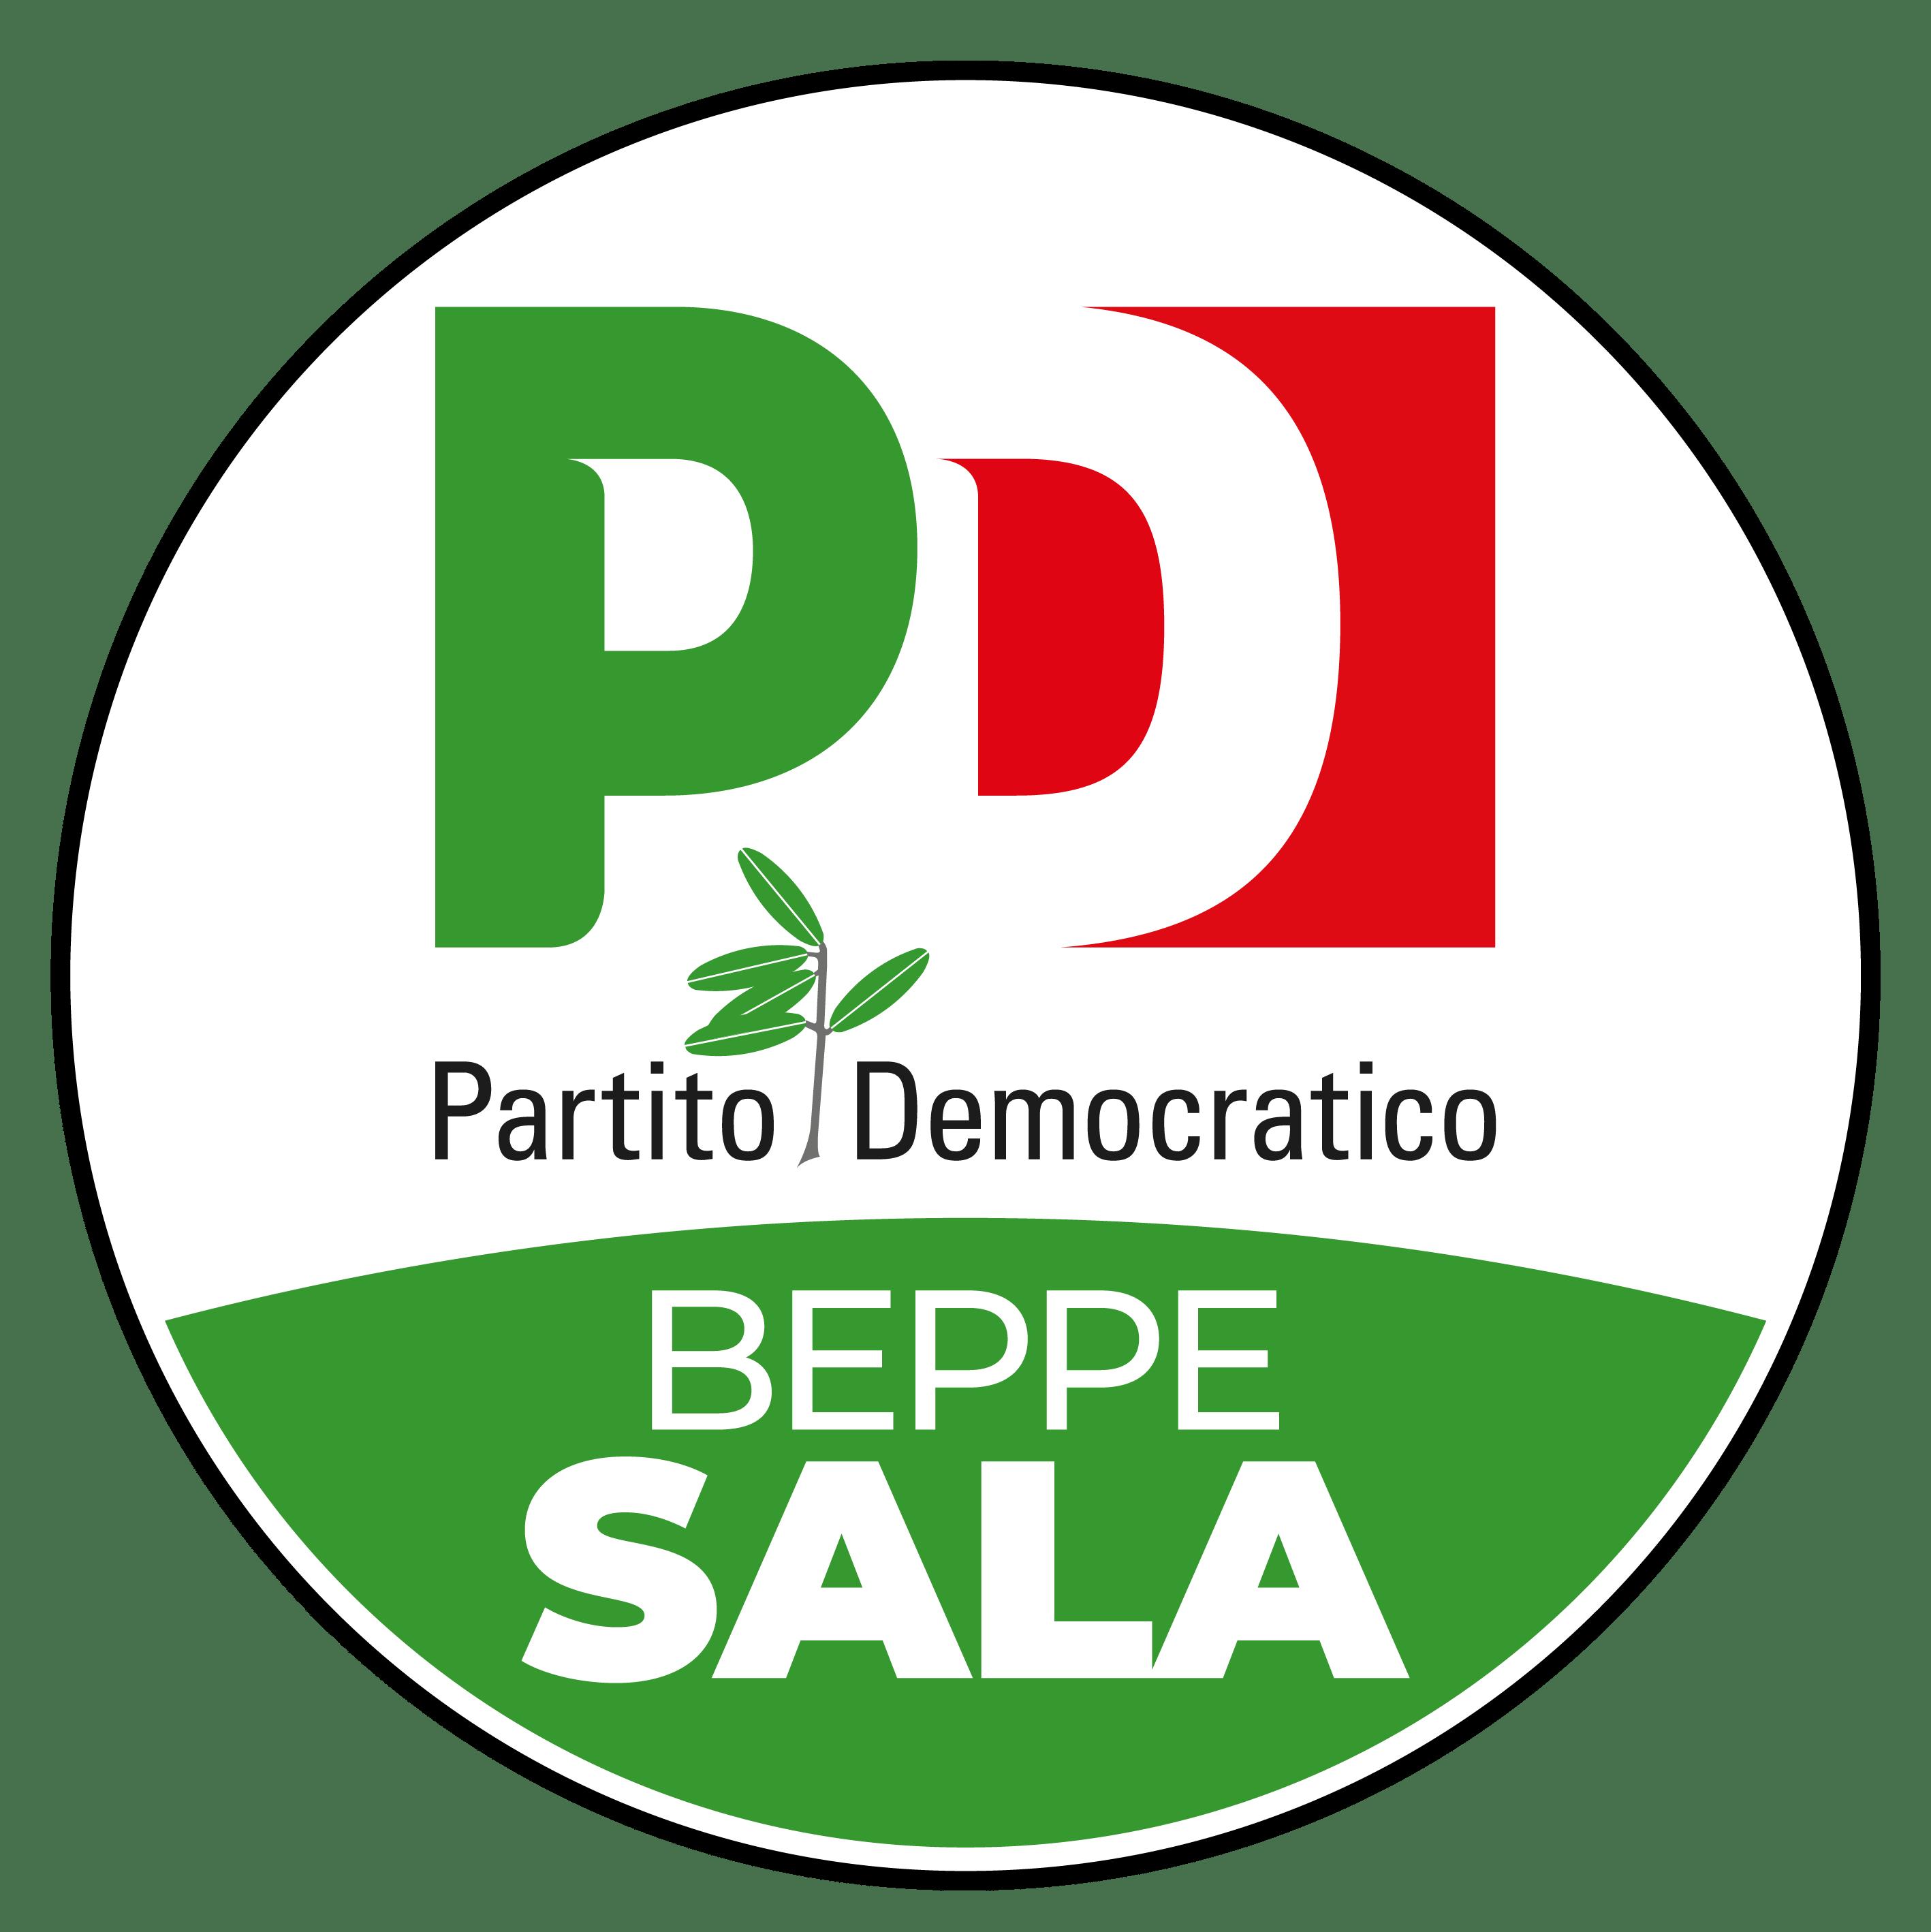 partito democratico beppe sala - la coalizione